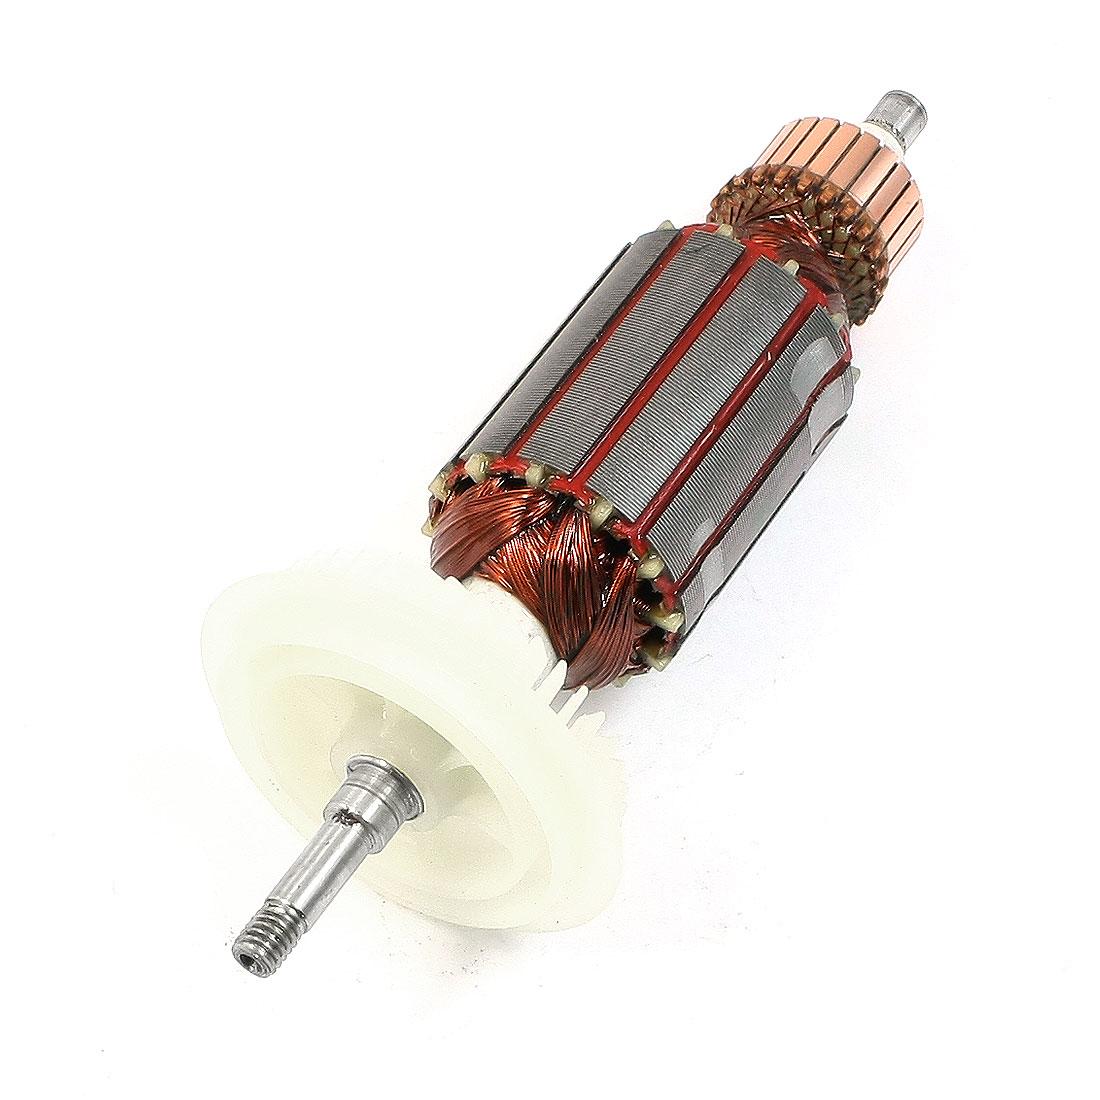 AC 220V Motor Rotor for Bosch GWS5-100 GWS6-100 GWS8-100 Angle Grinder